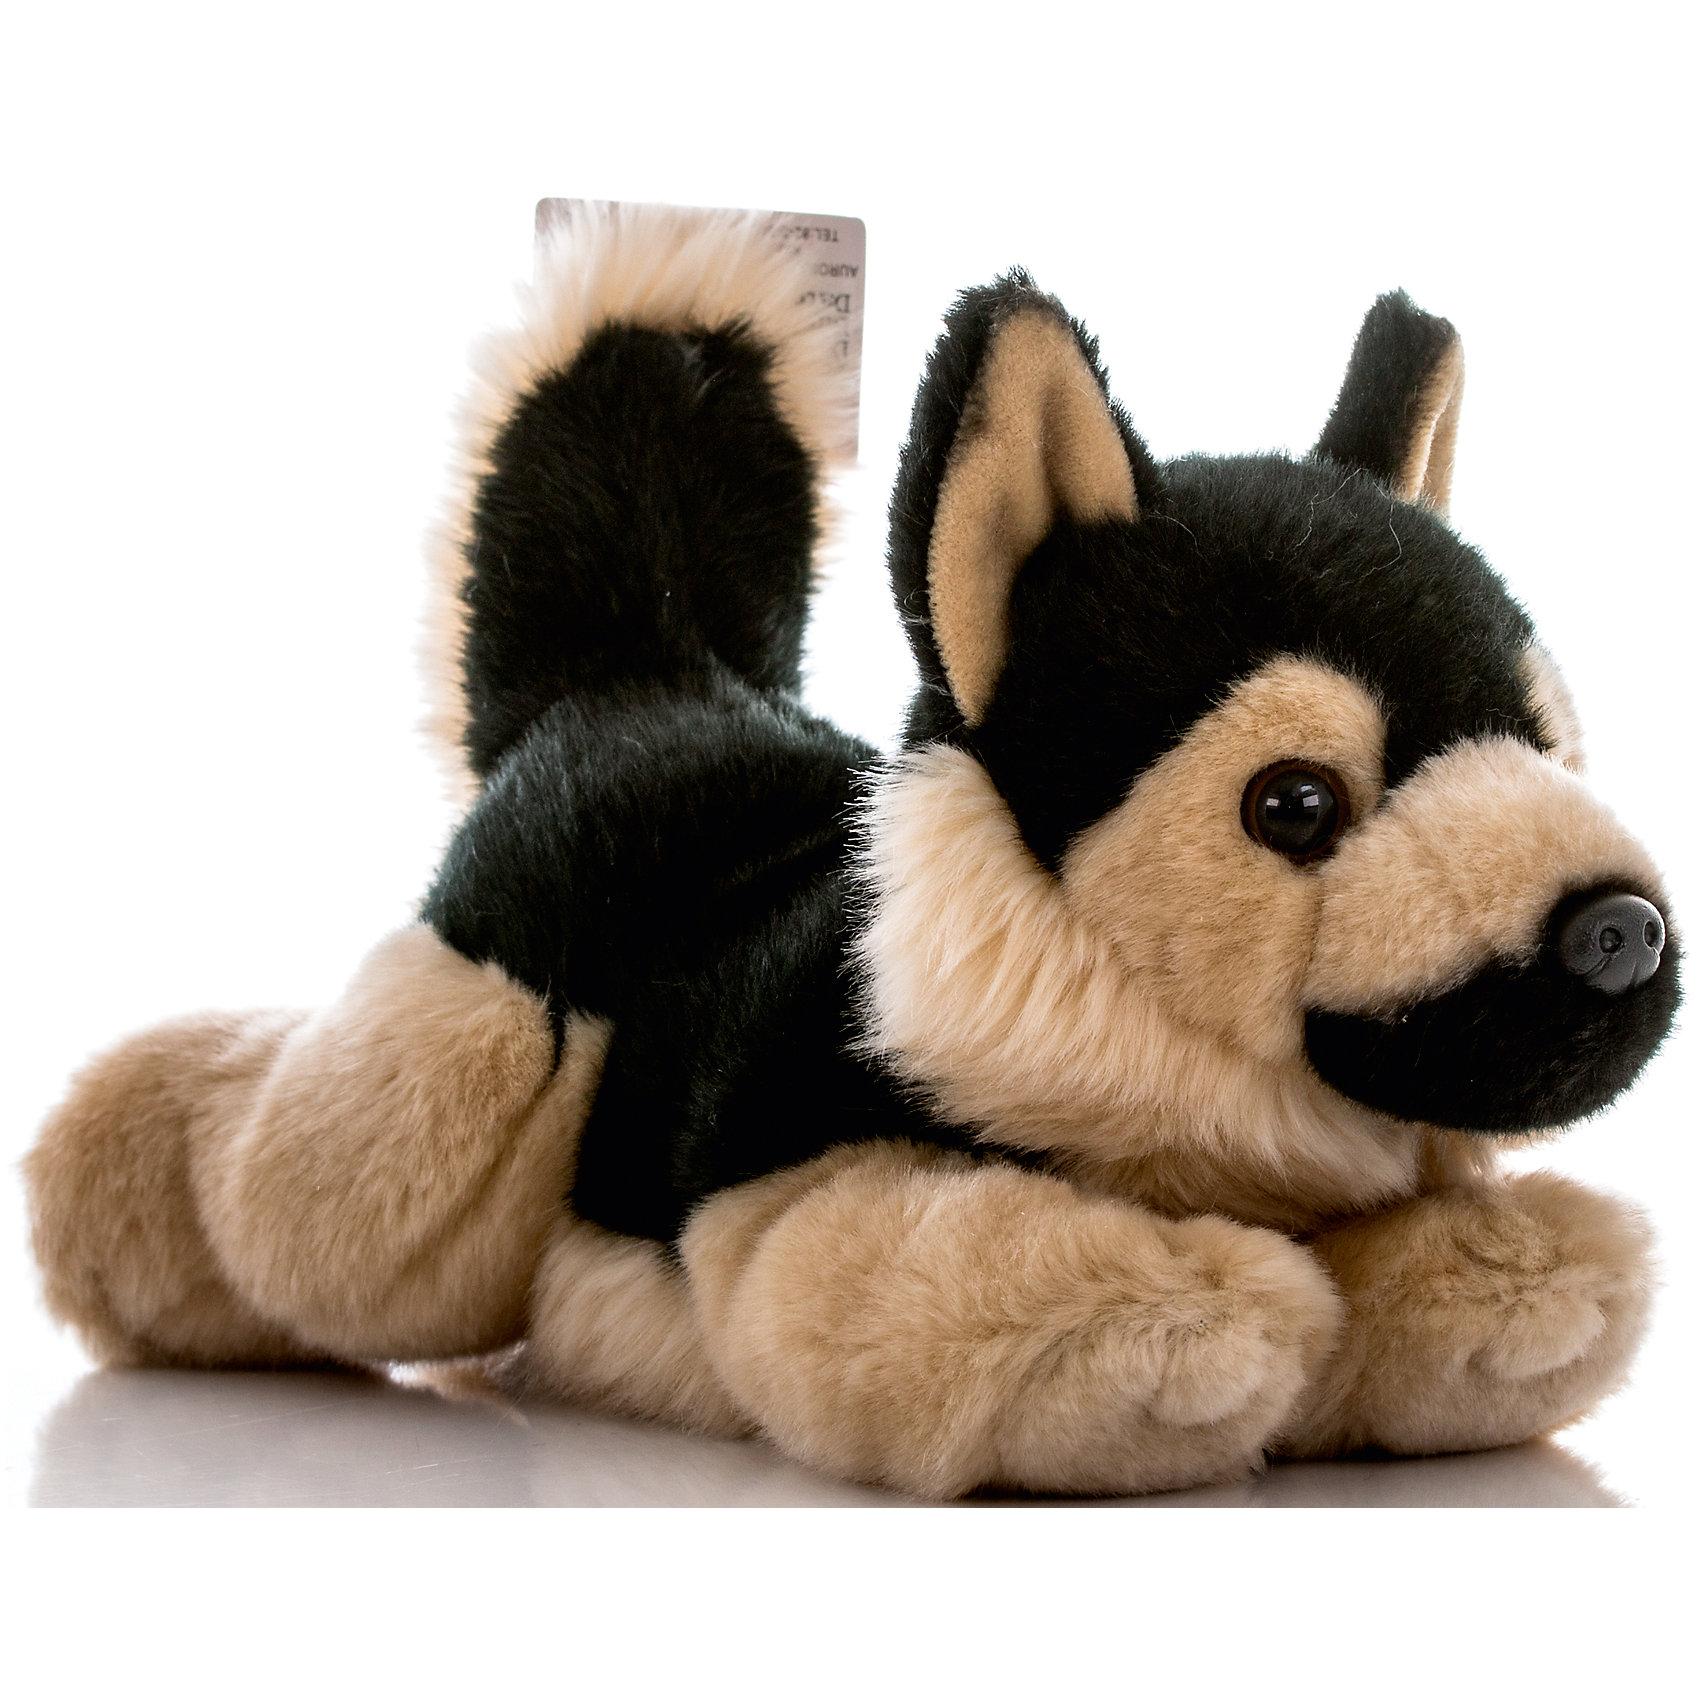 AURORA Мягкая игрушка Немецкая Овчарка, 28 см, AURORA купить щенка немецкая овчарки белого окраса цена видео картинки